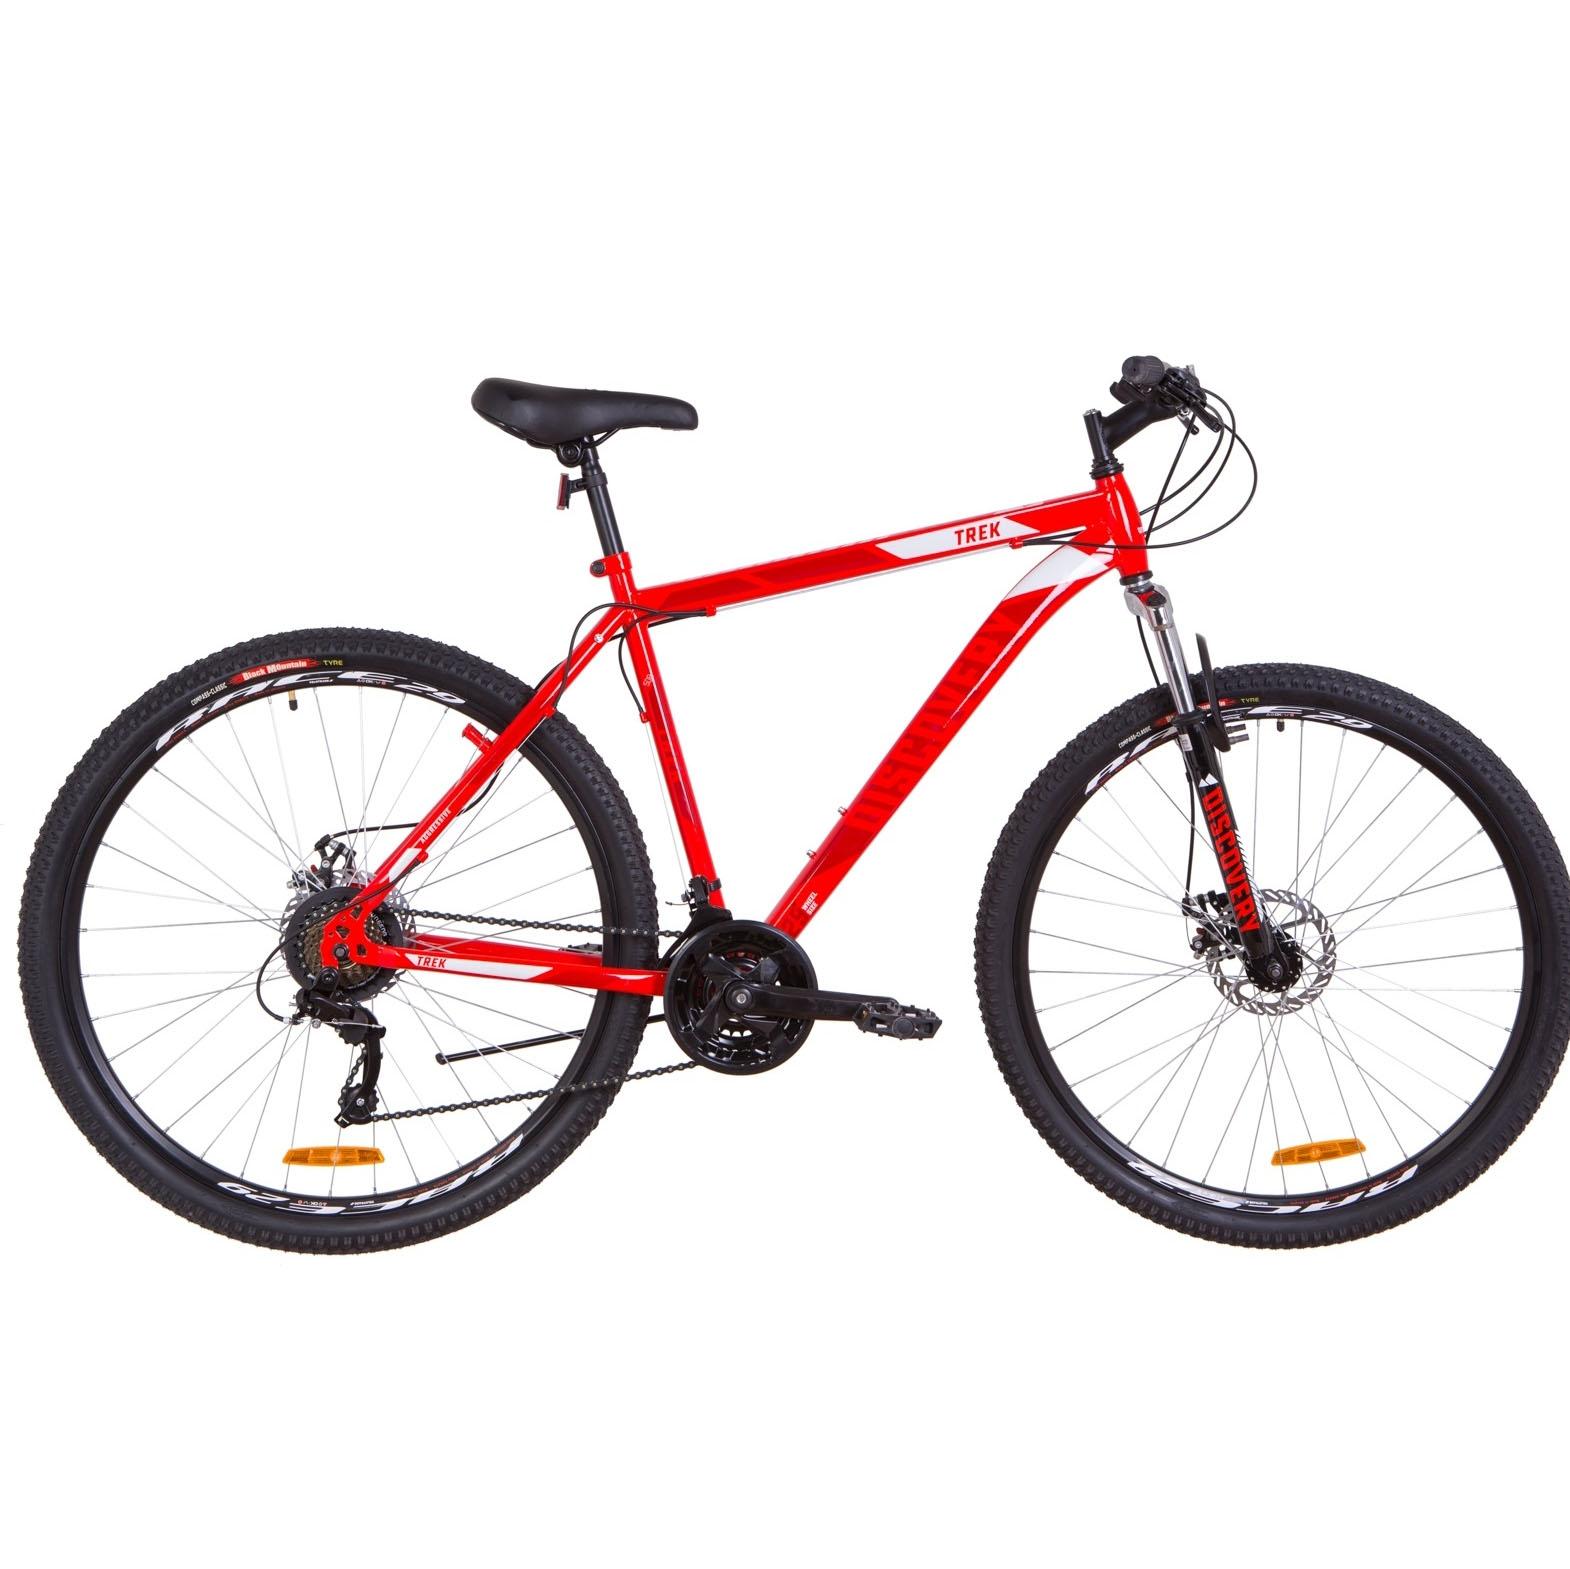 Фото Горный Велосипед 29  Discovery TREK DD красный 2019